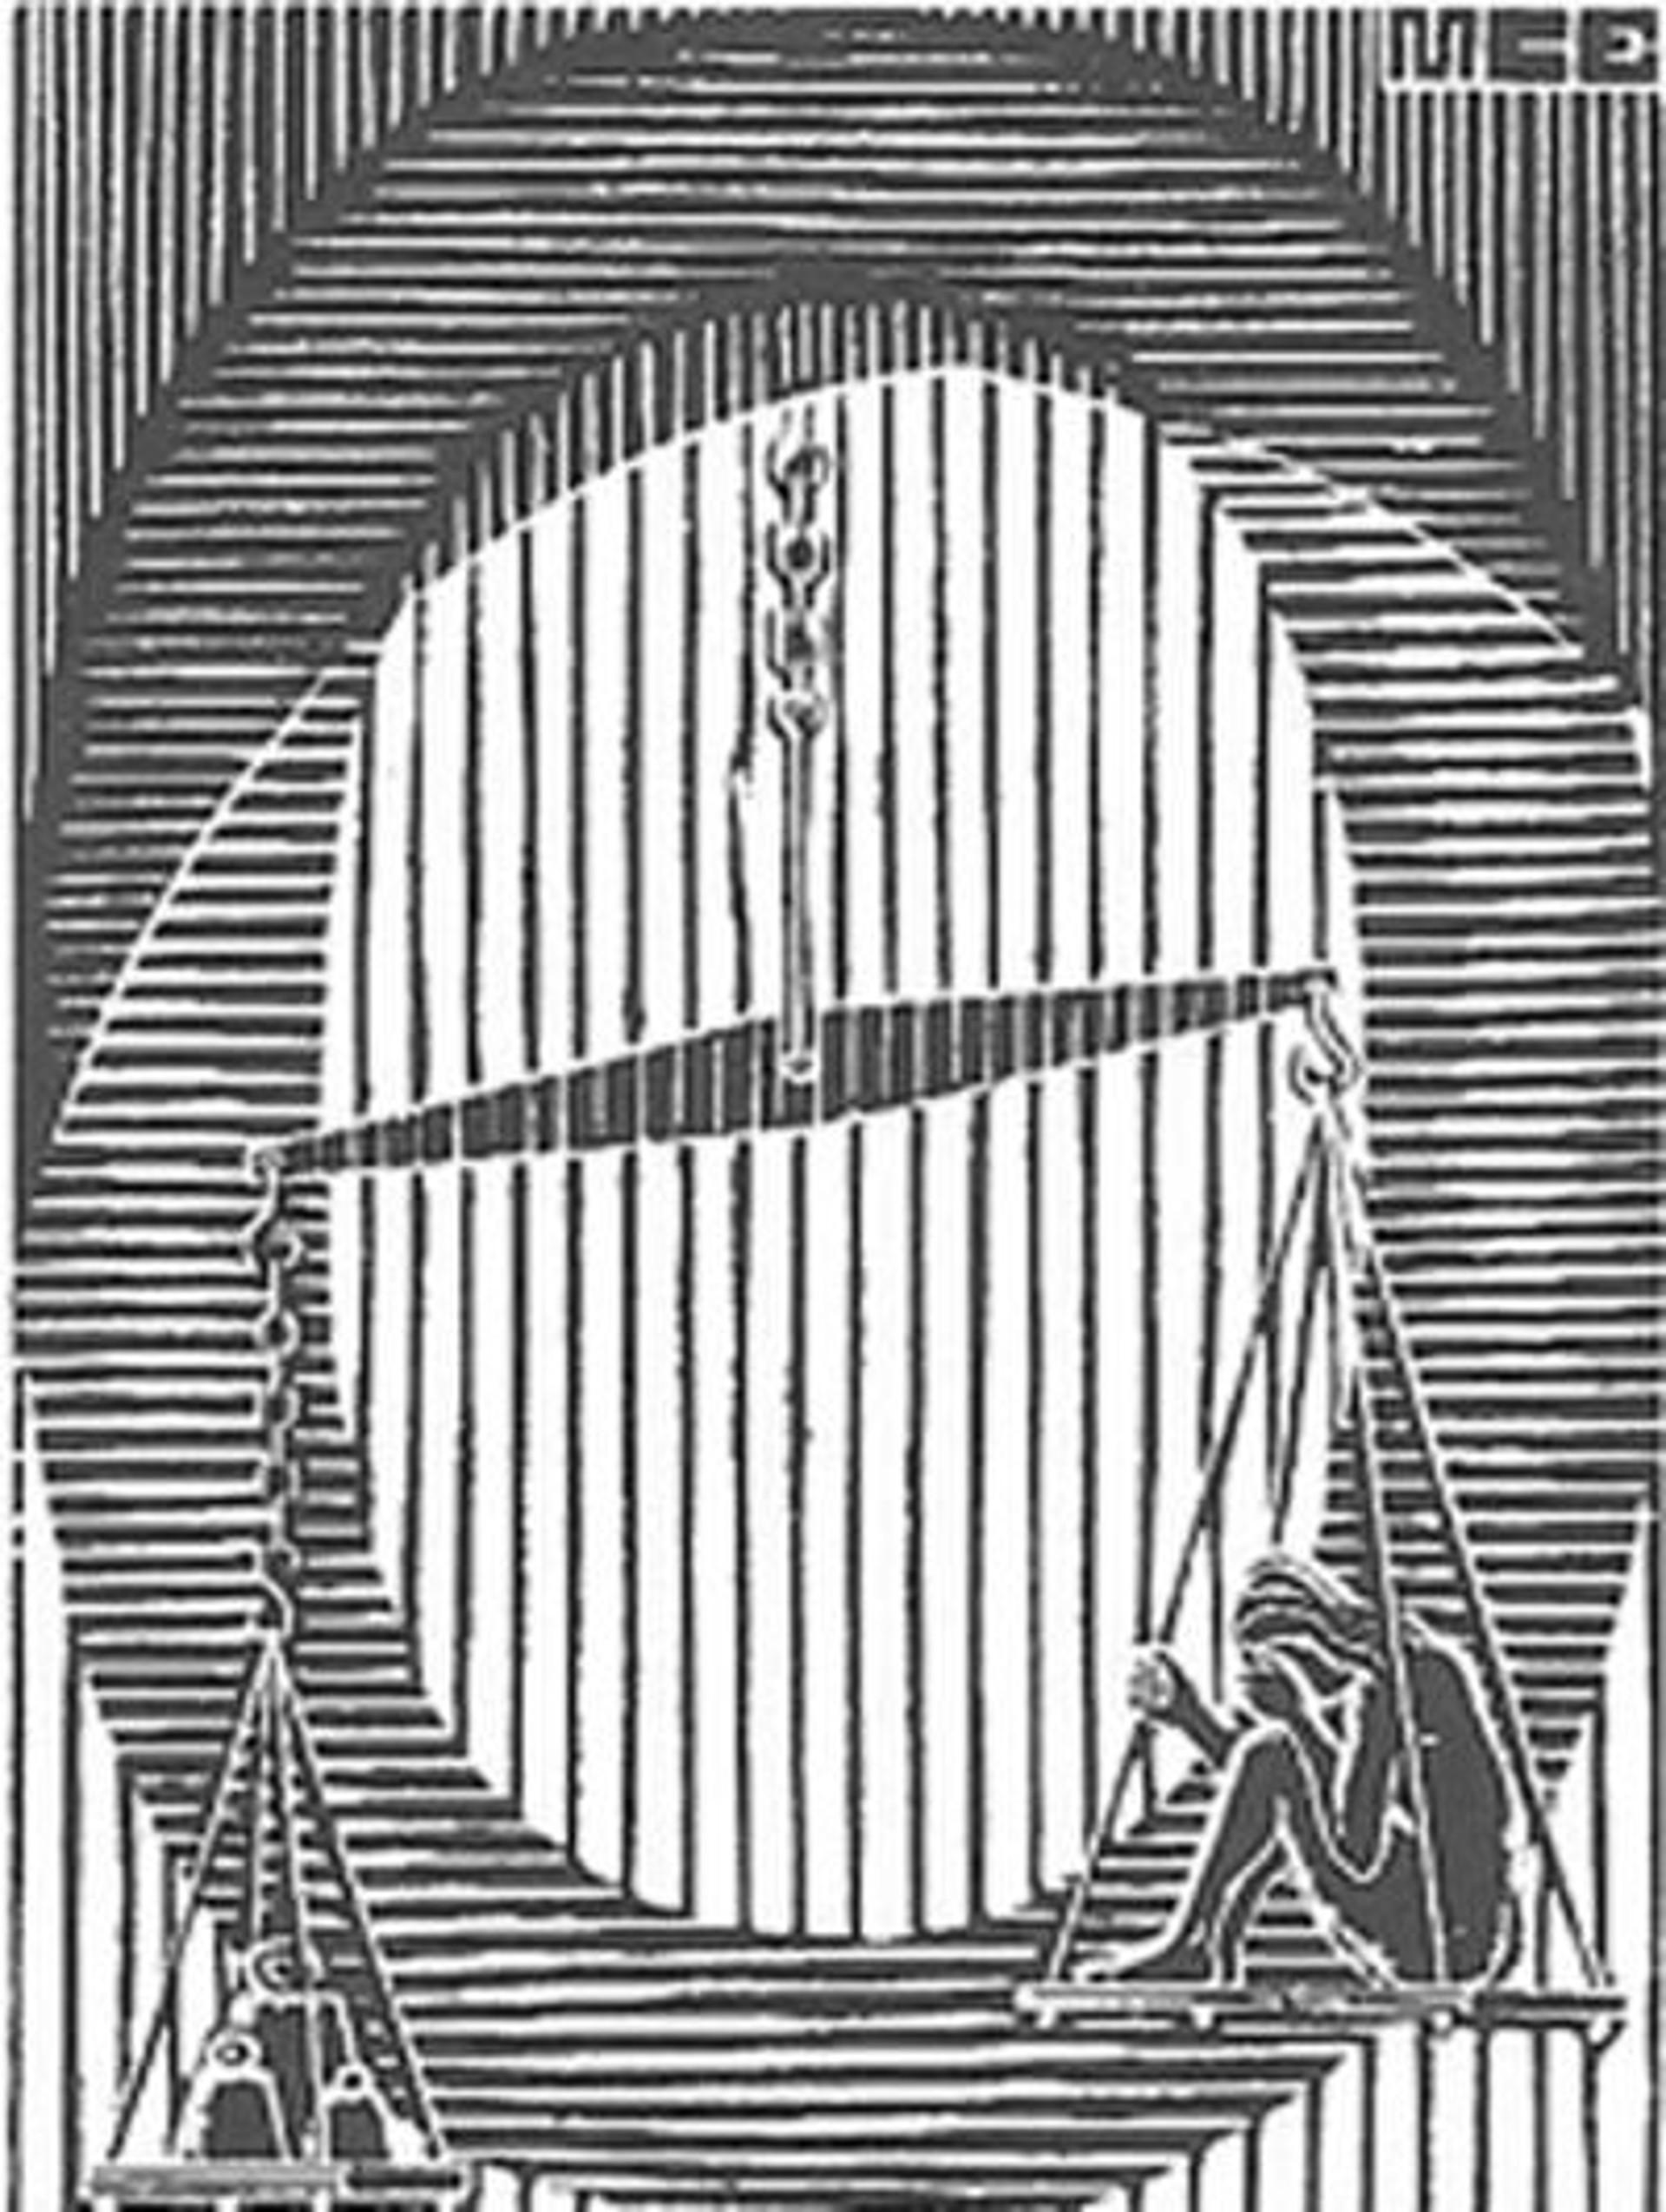 Scholastica - Initial O by M.C. Escher